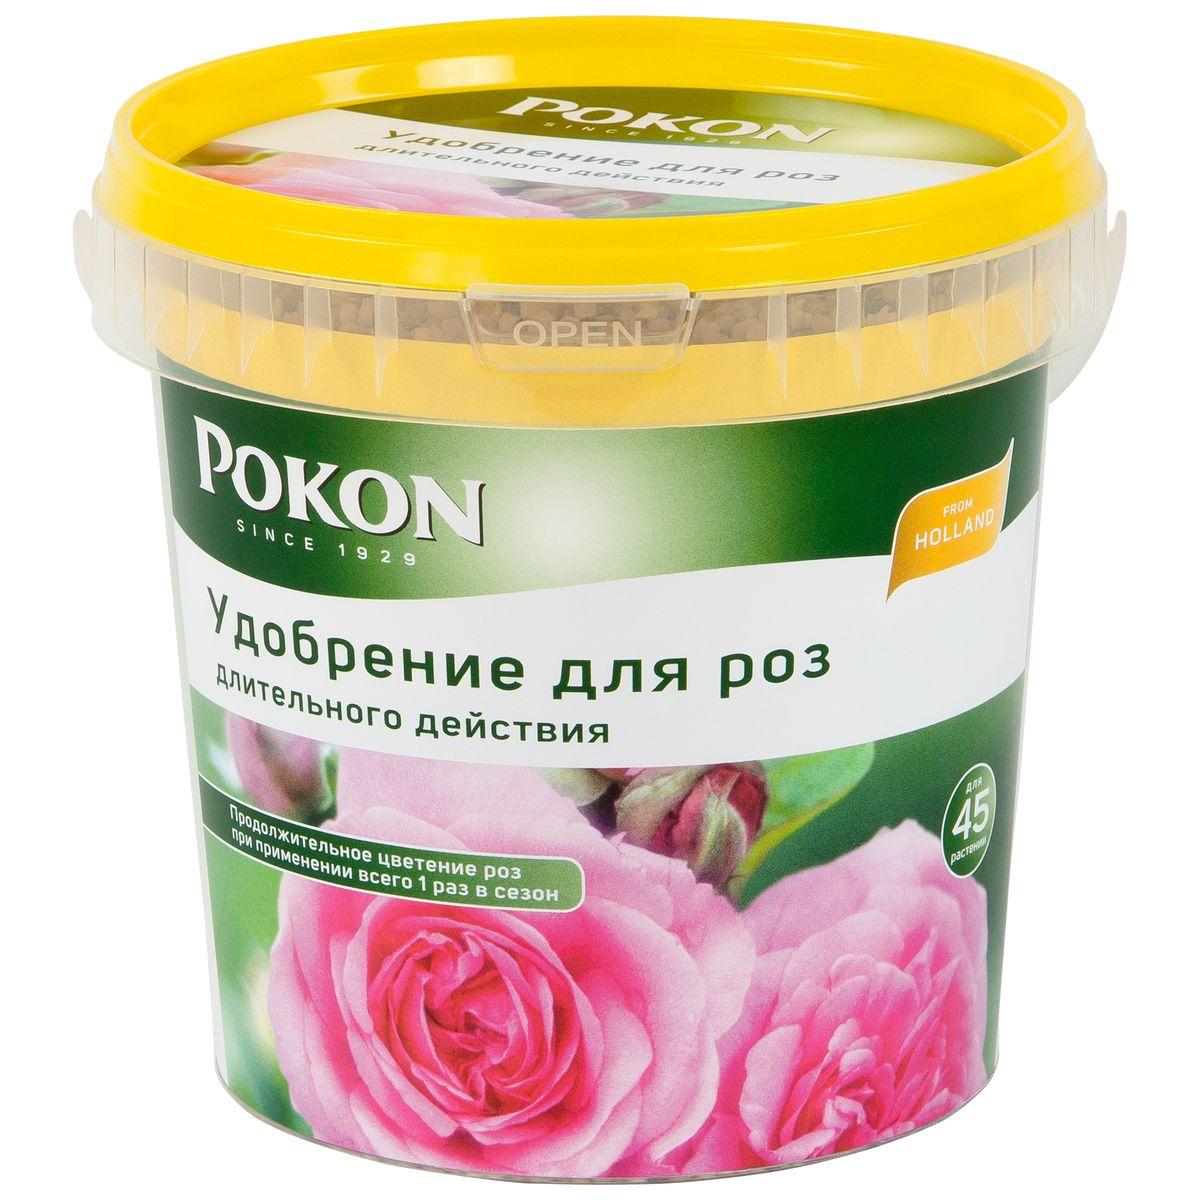 все цены на Удобрение для роз